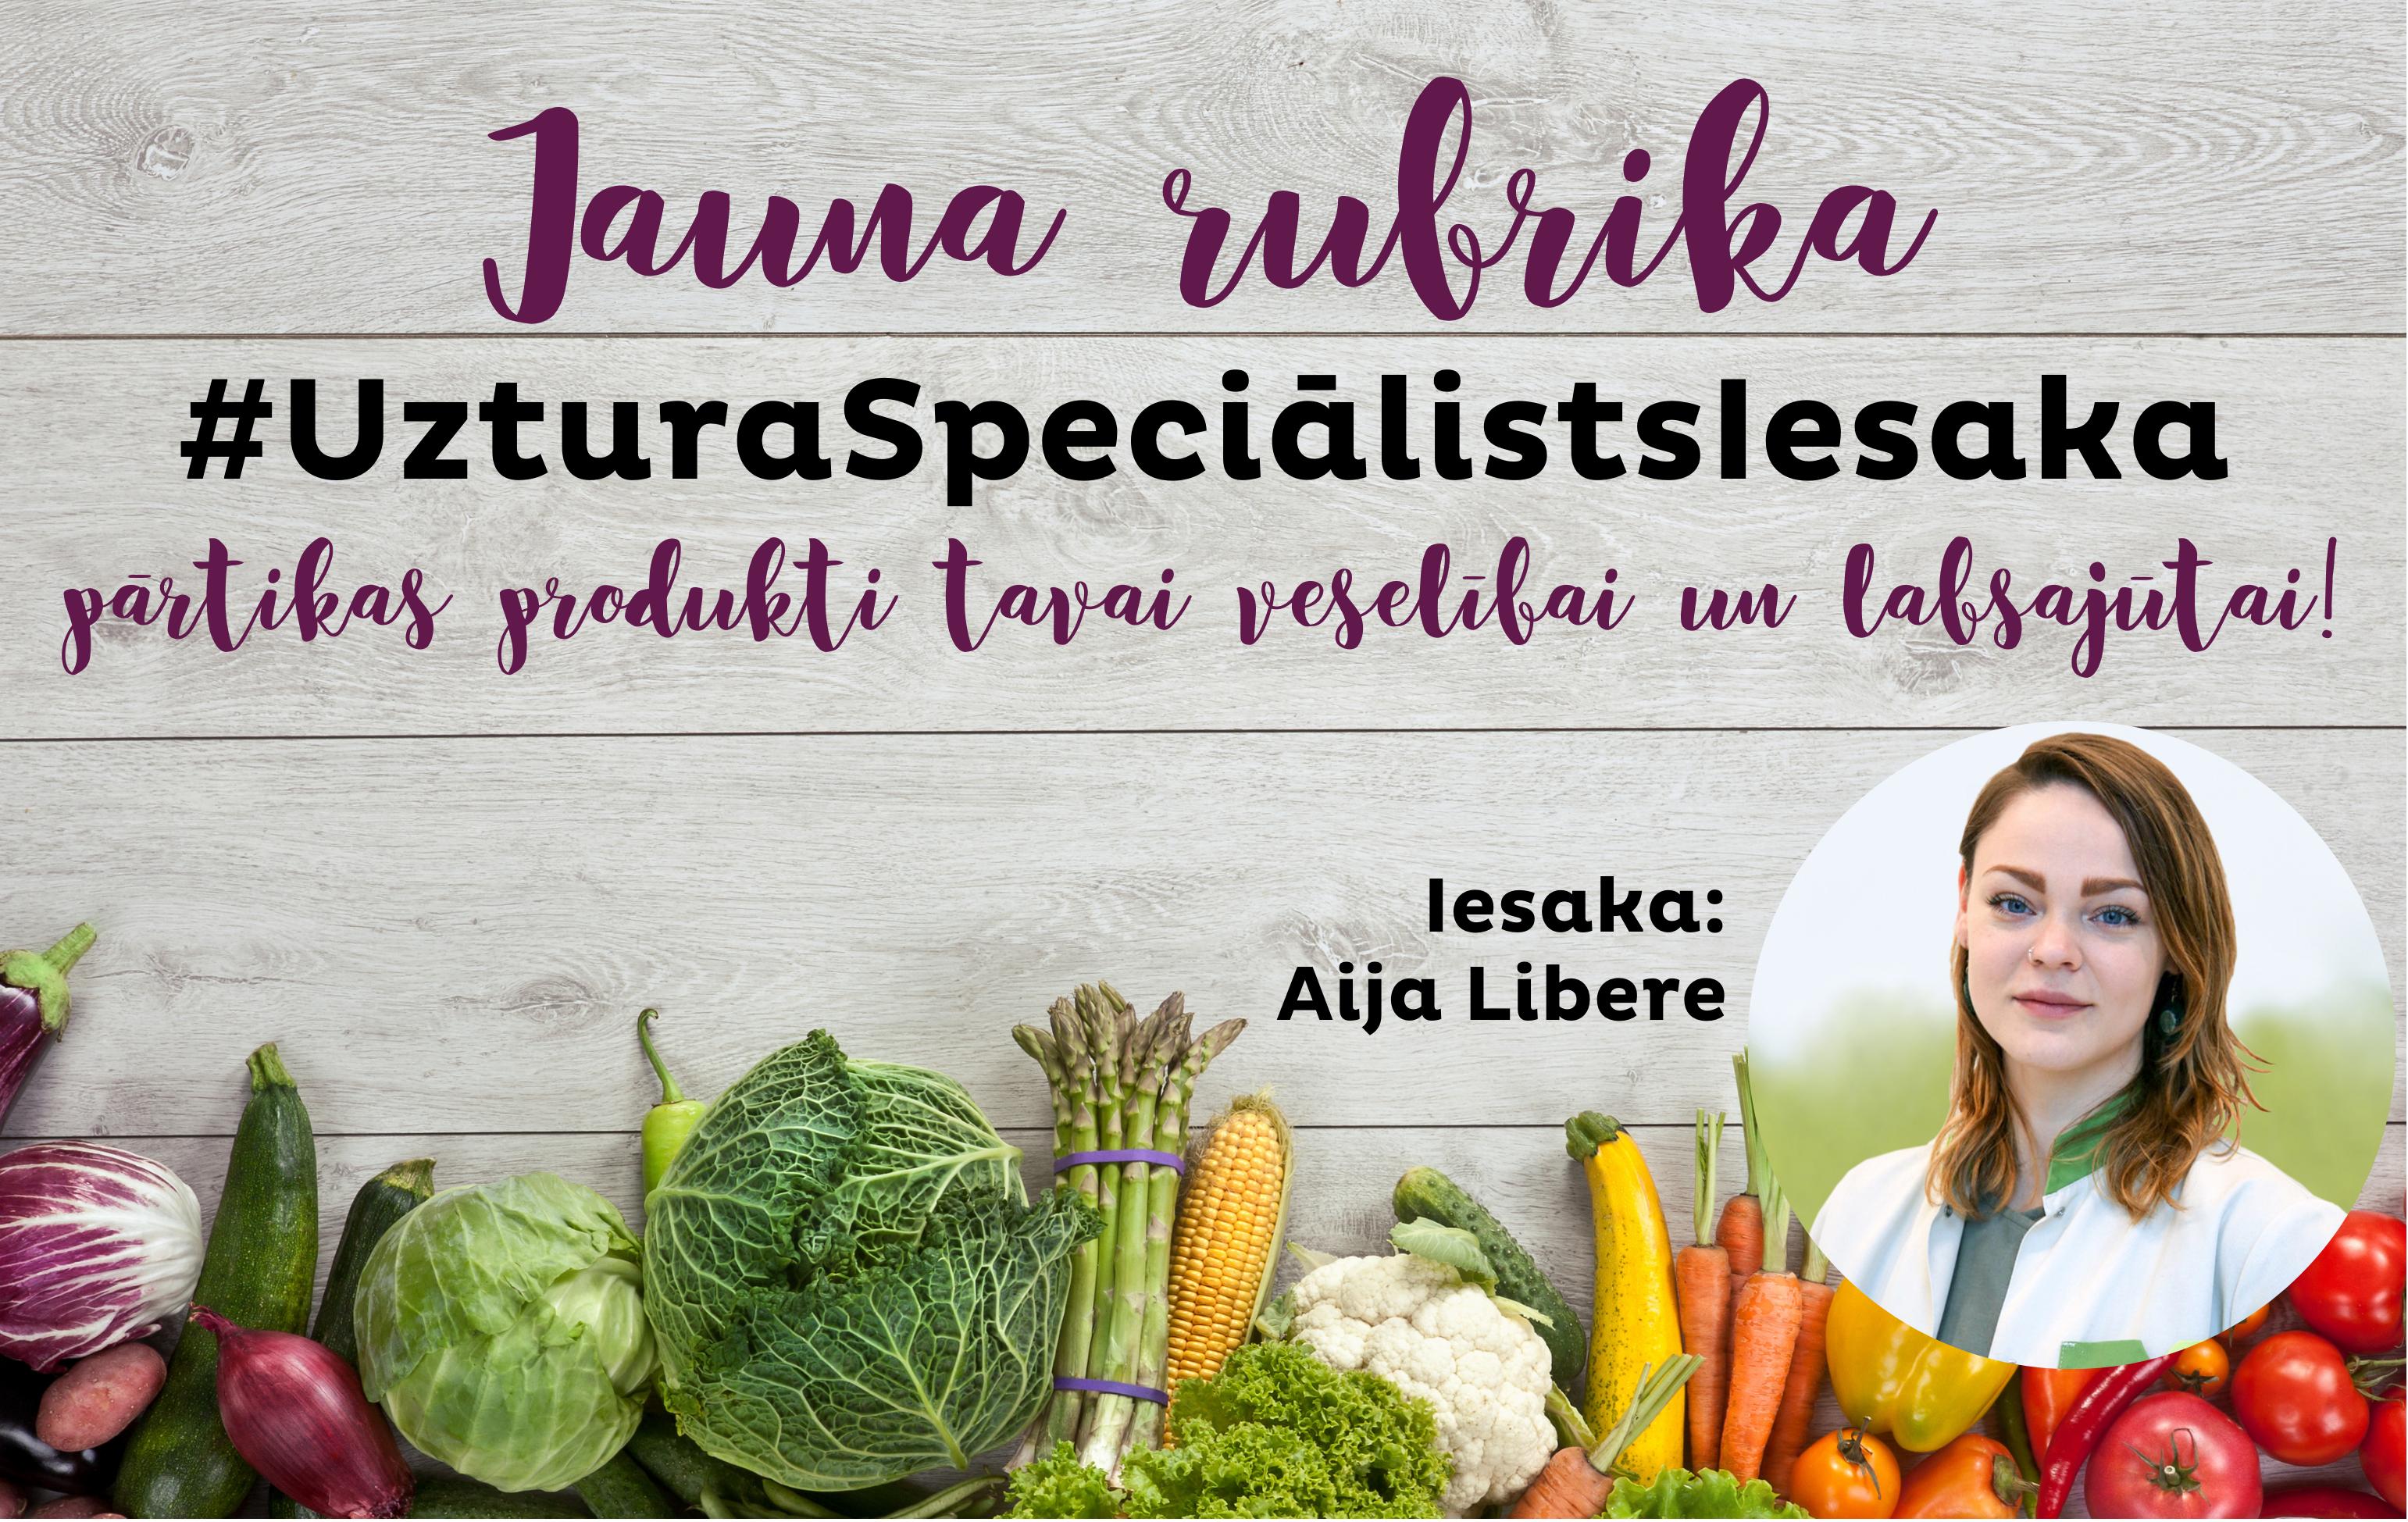 Jauna_rubrika_Uzt_spec_iesaka.png